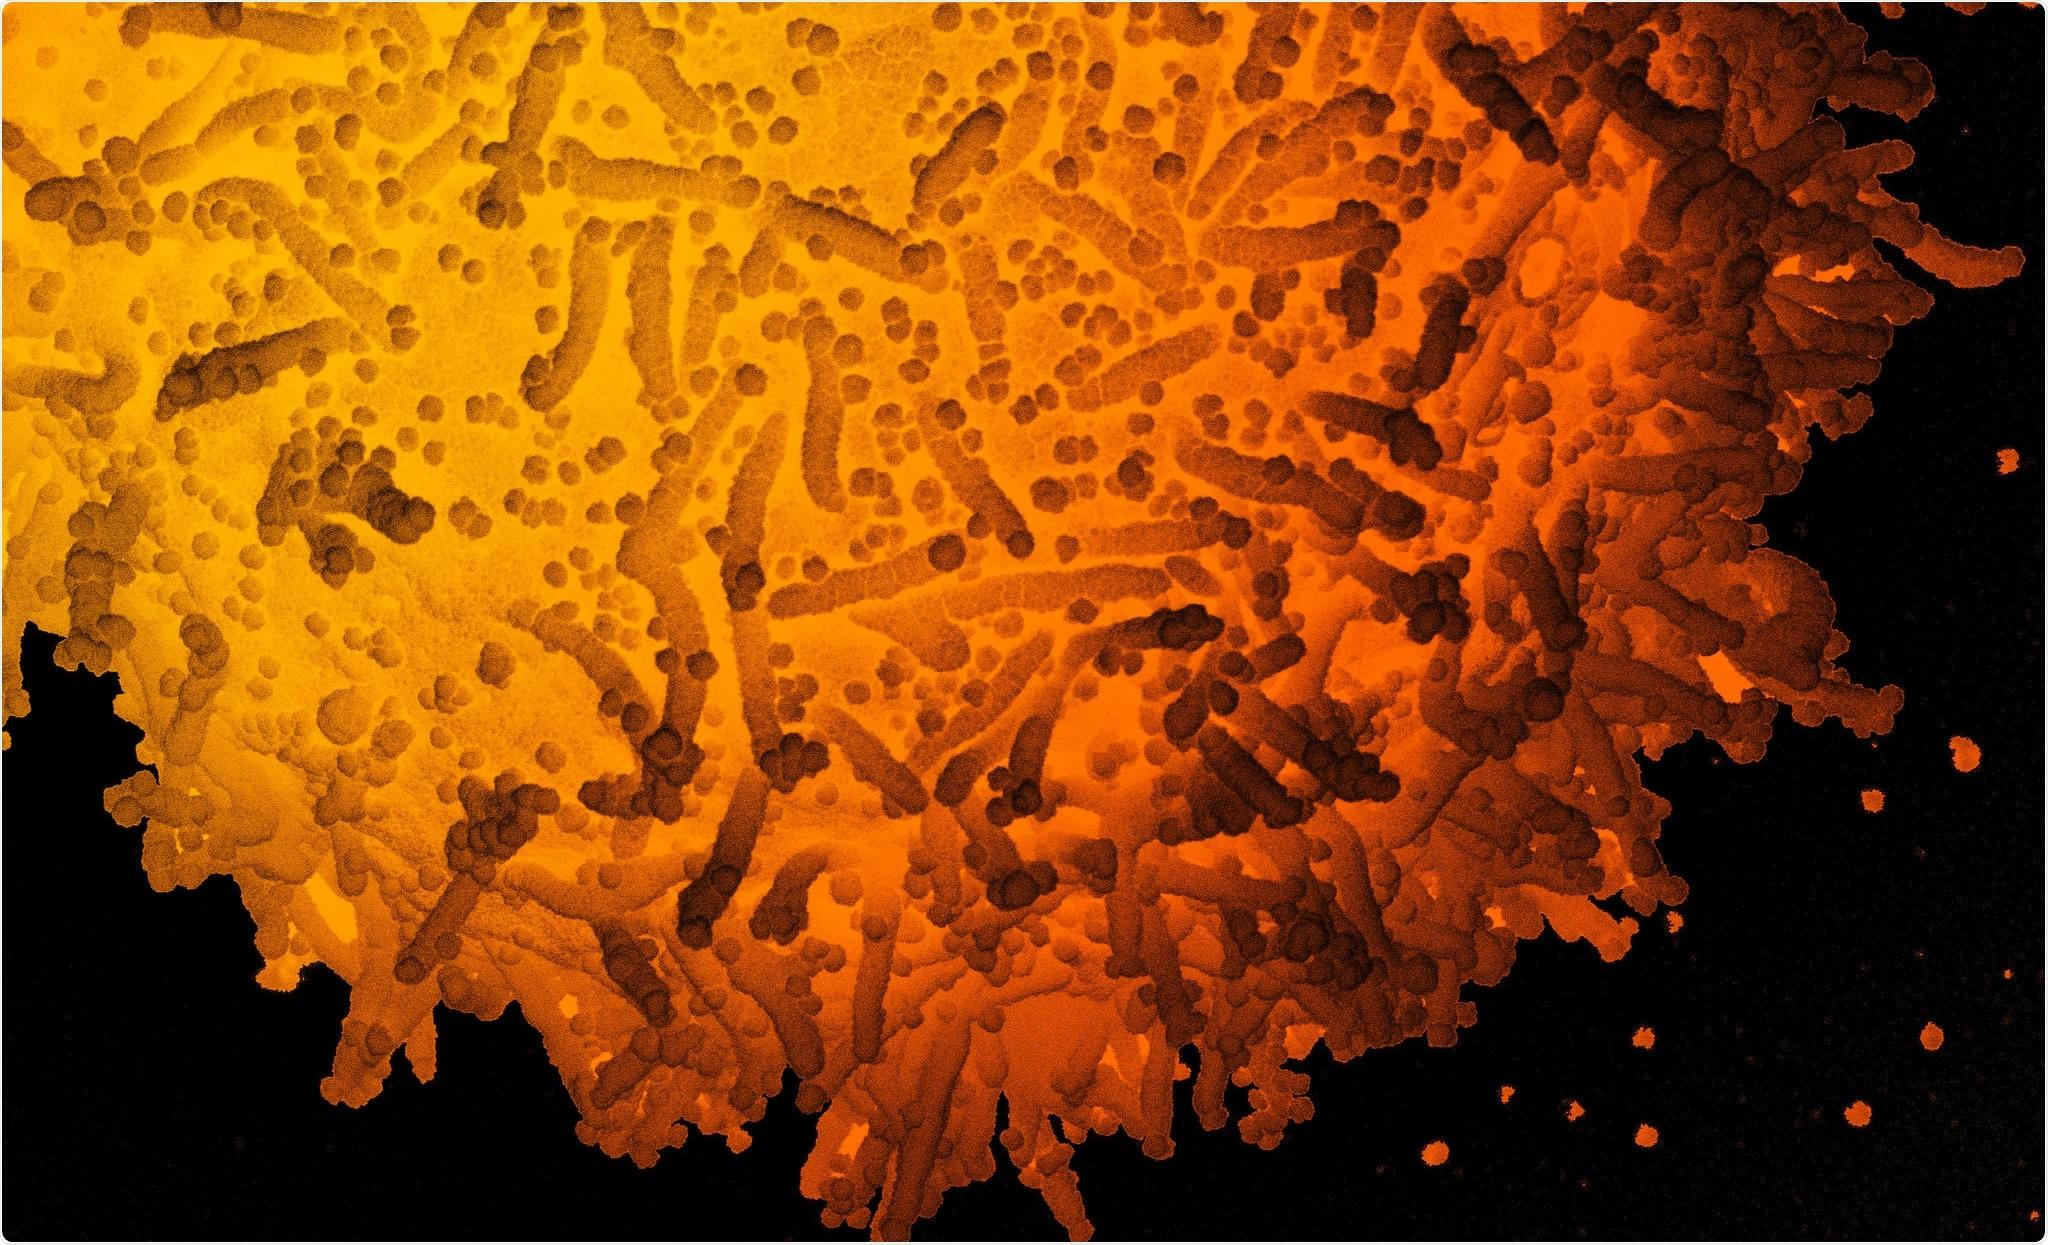 Estudo: Traço detalhado das mutações ao domínio SARS-CoV-2 receptor-obrigatório que afectam o reconhecimento por anticorpos humanos polyclonal do soro. Crédito de imagem: NIAID